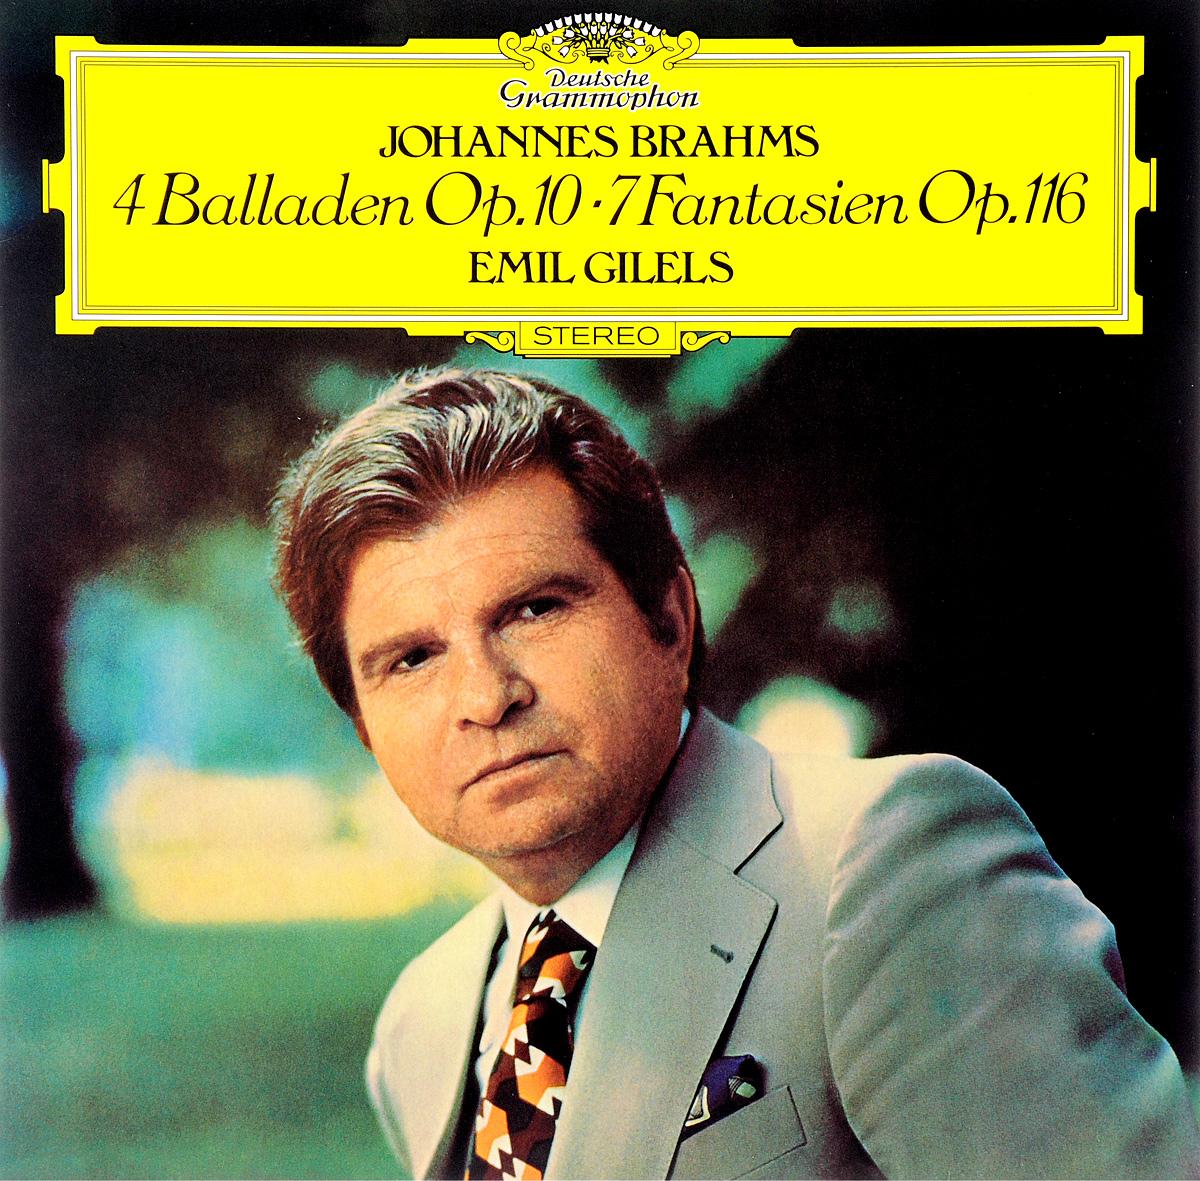 Эмиль Гилельс Emil Gilels. Johannes Brahms. 4 Balladen Op. 10 / 7 Fantasien Op. 116 (LP) эмиль гилельс леонид коган l beethoven piano and sonatas 3 5 9 emil gilels leonid cogan